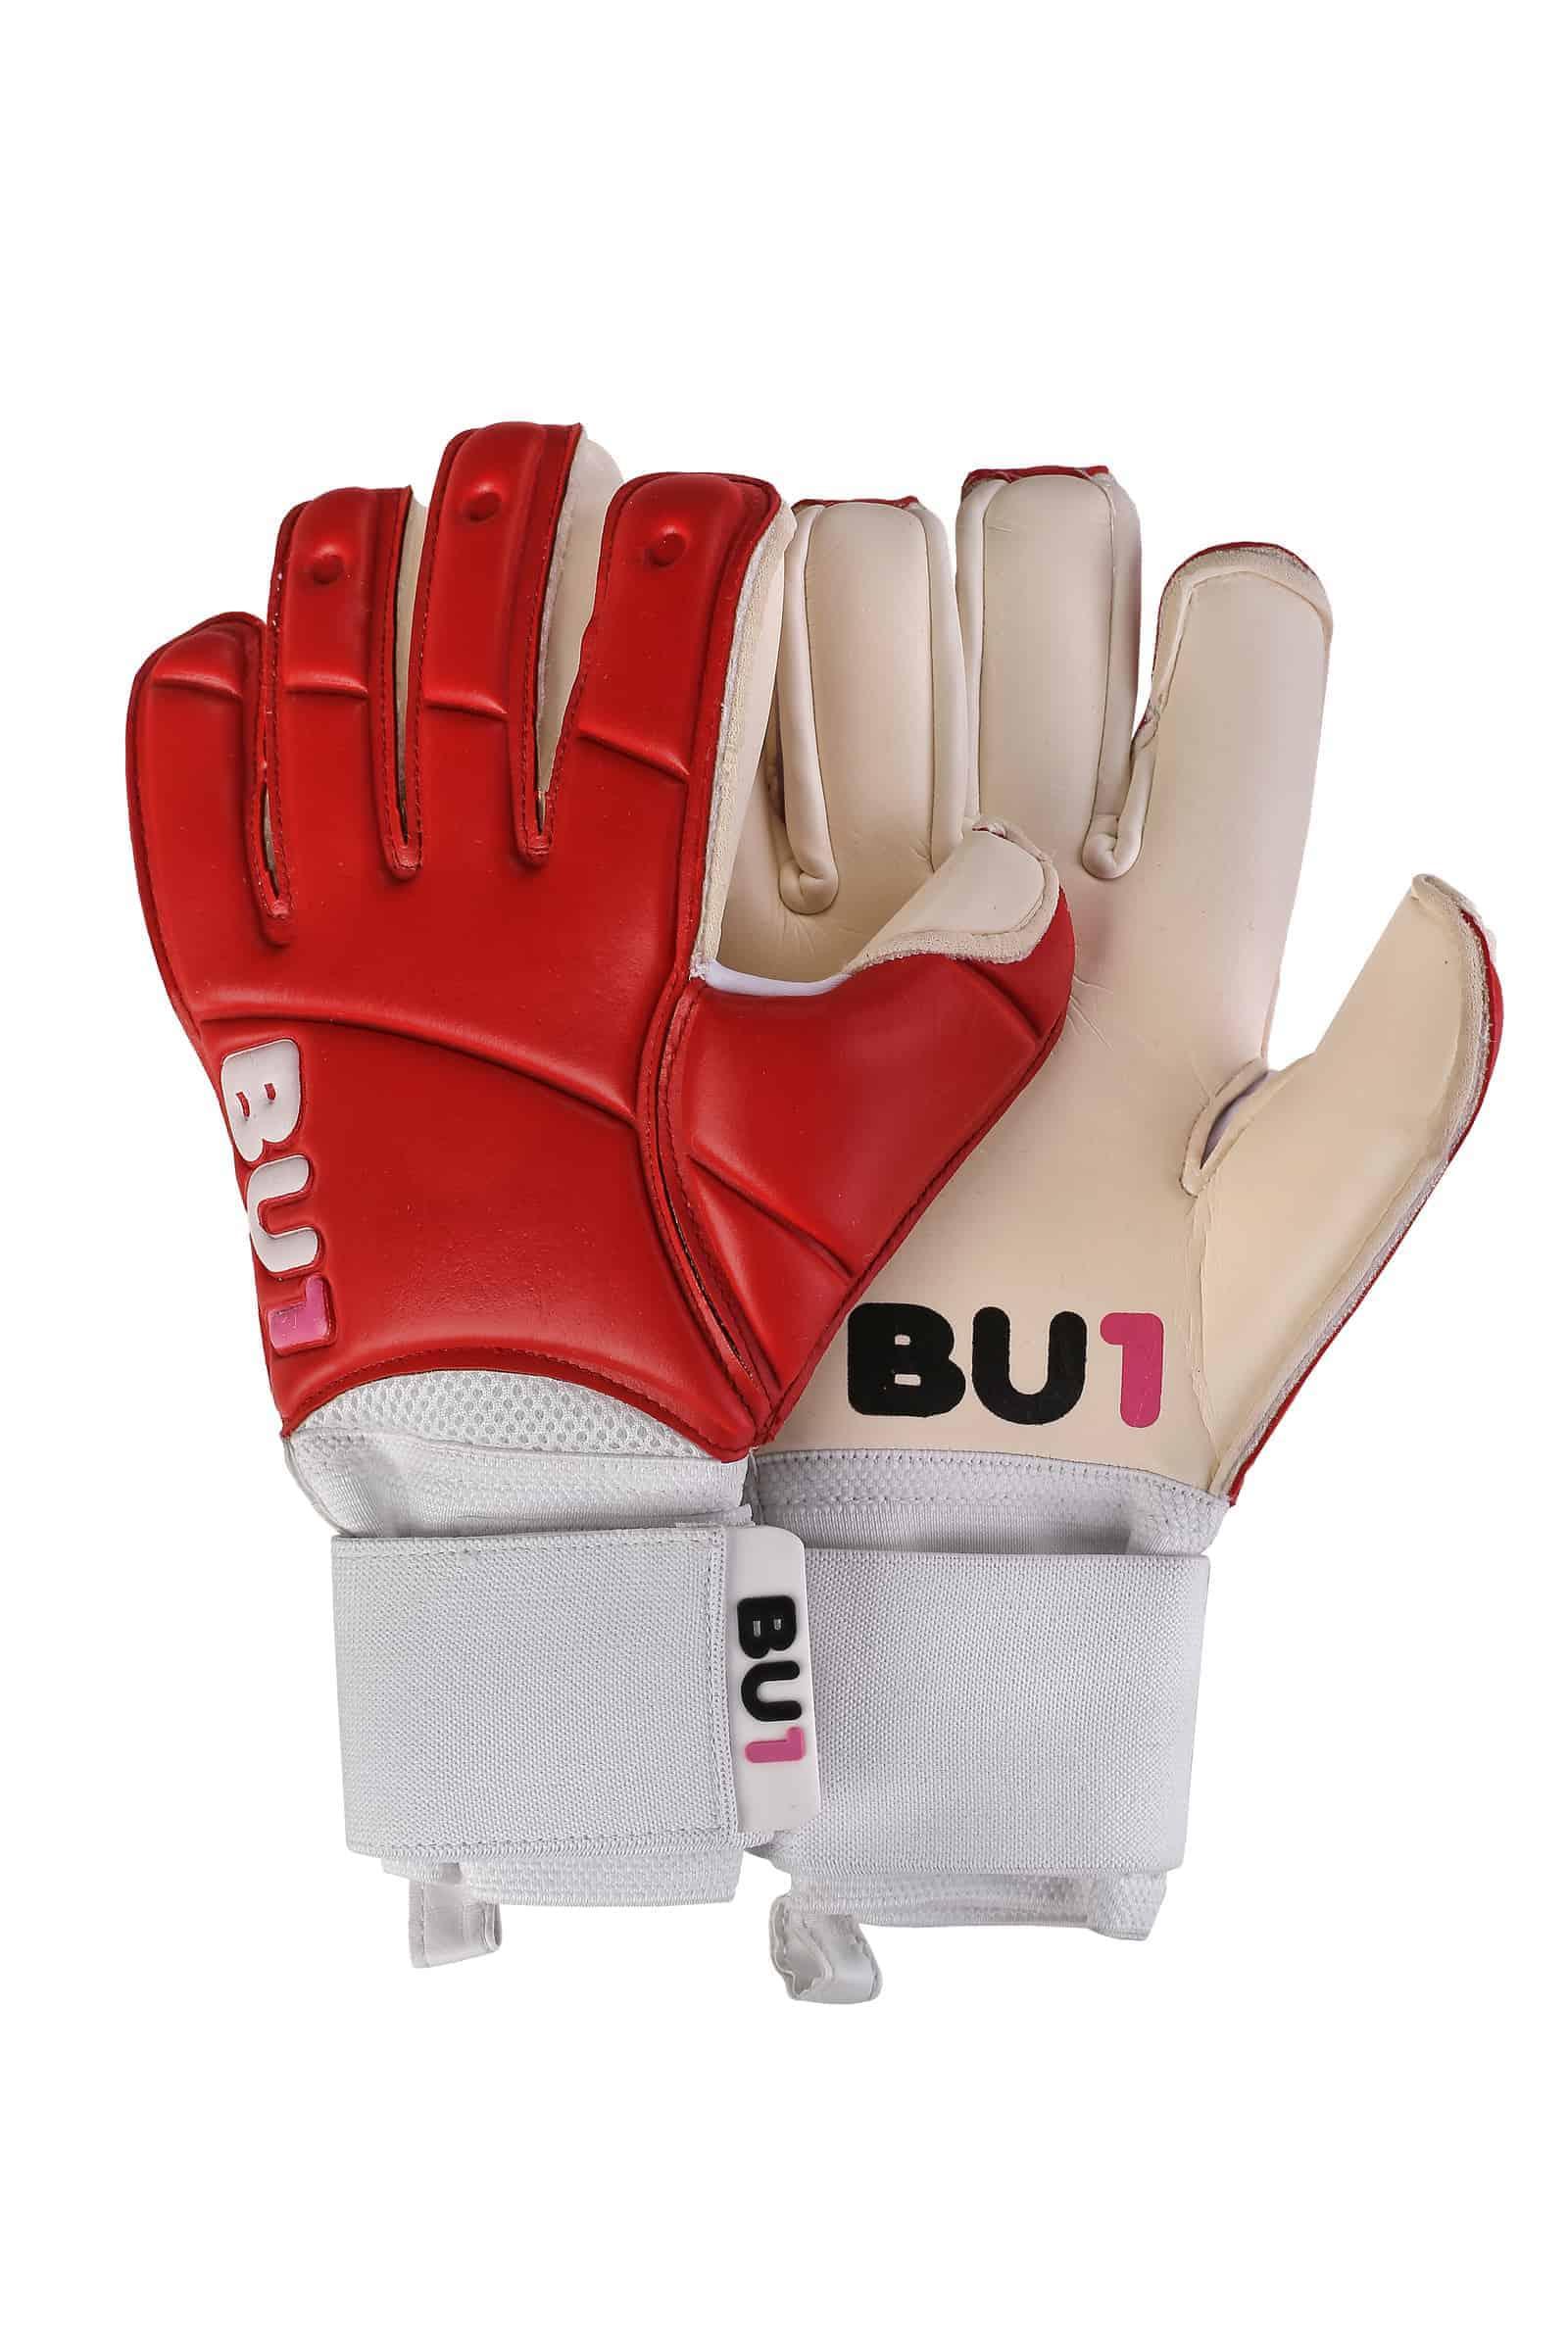 BU1 Red